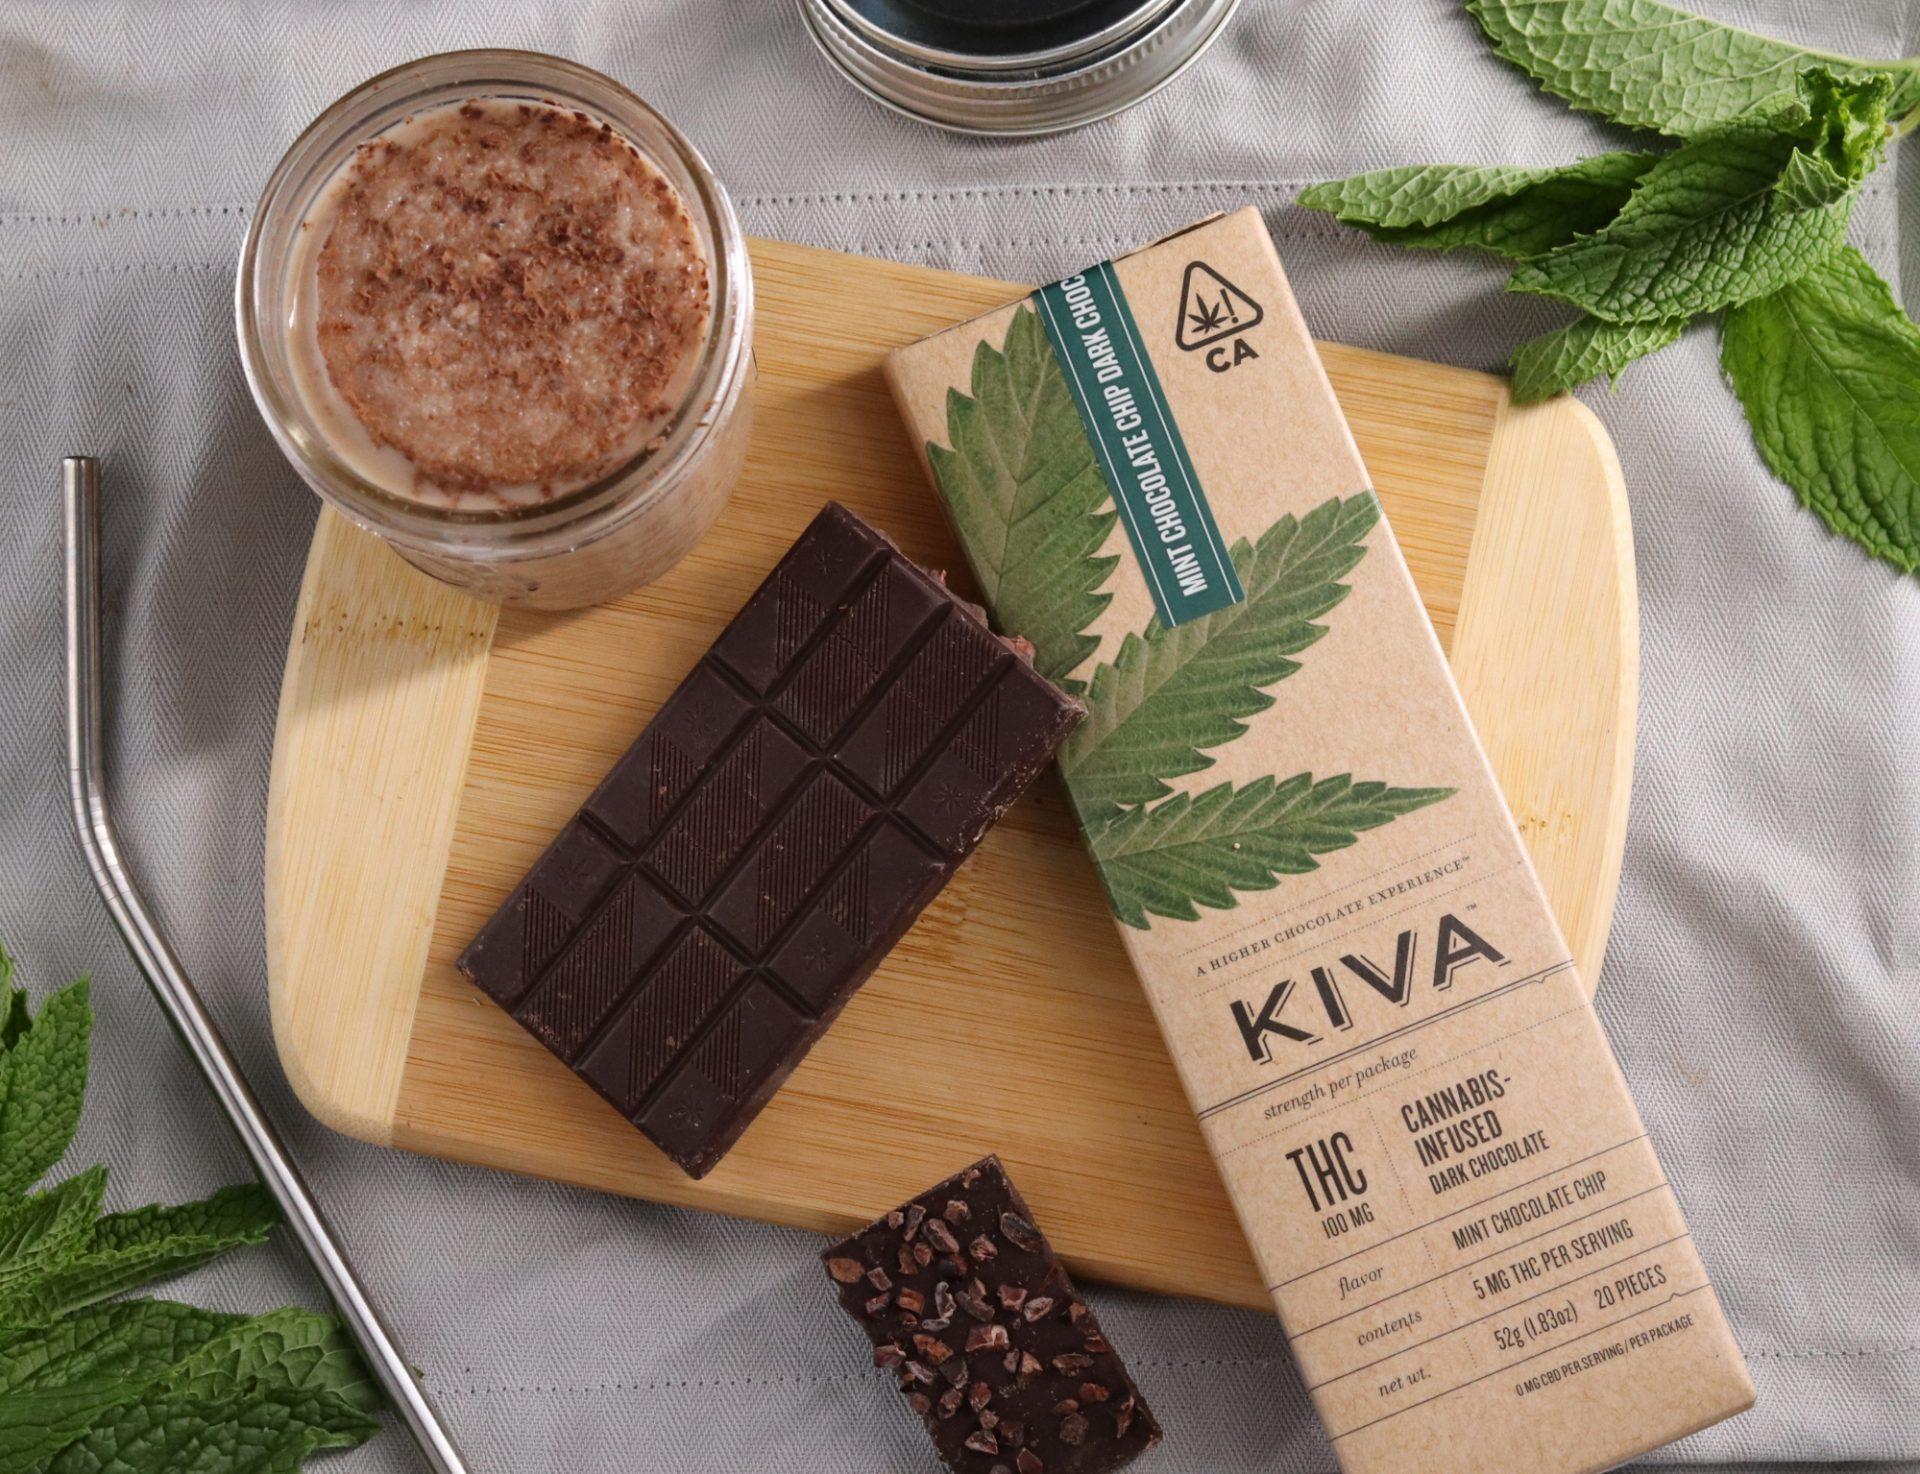 Kiva Frozen Hot Chocolate